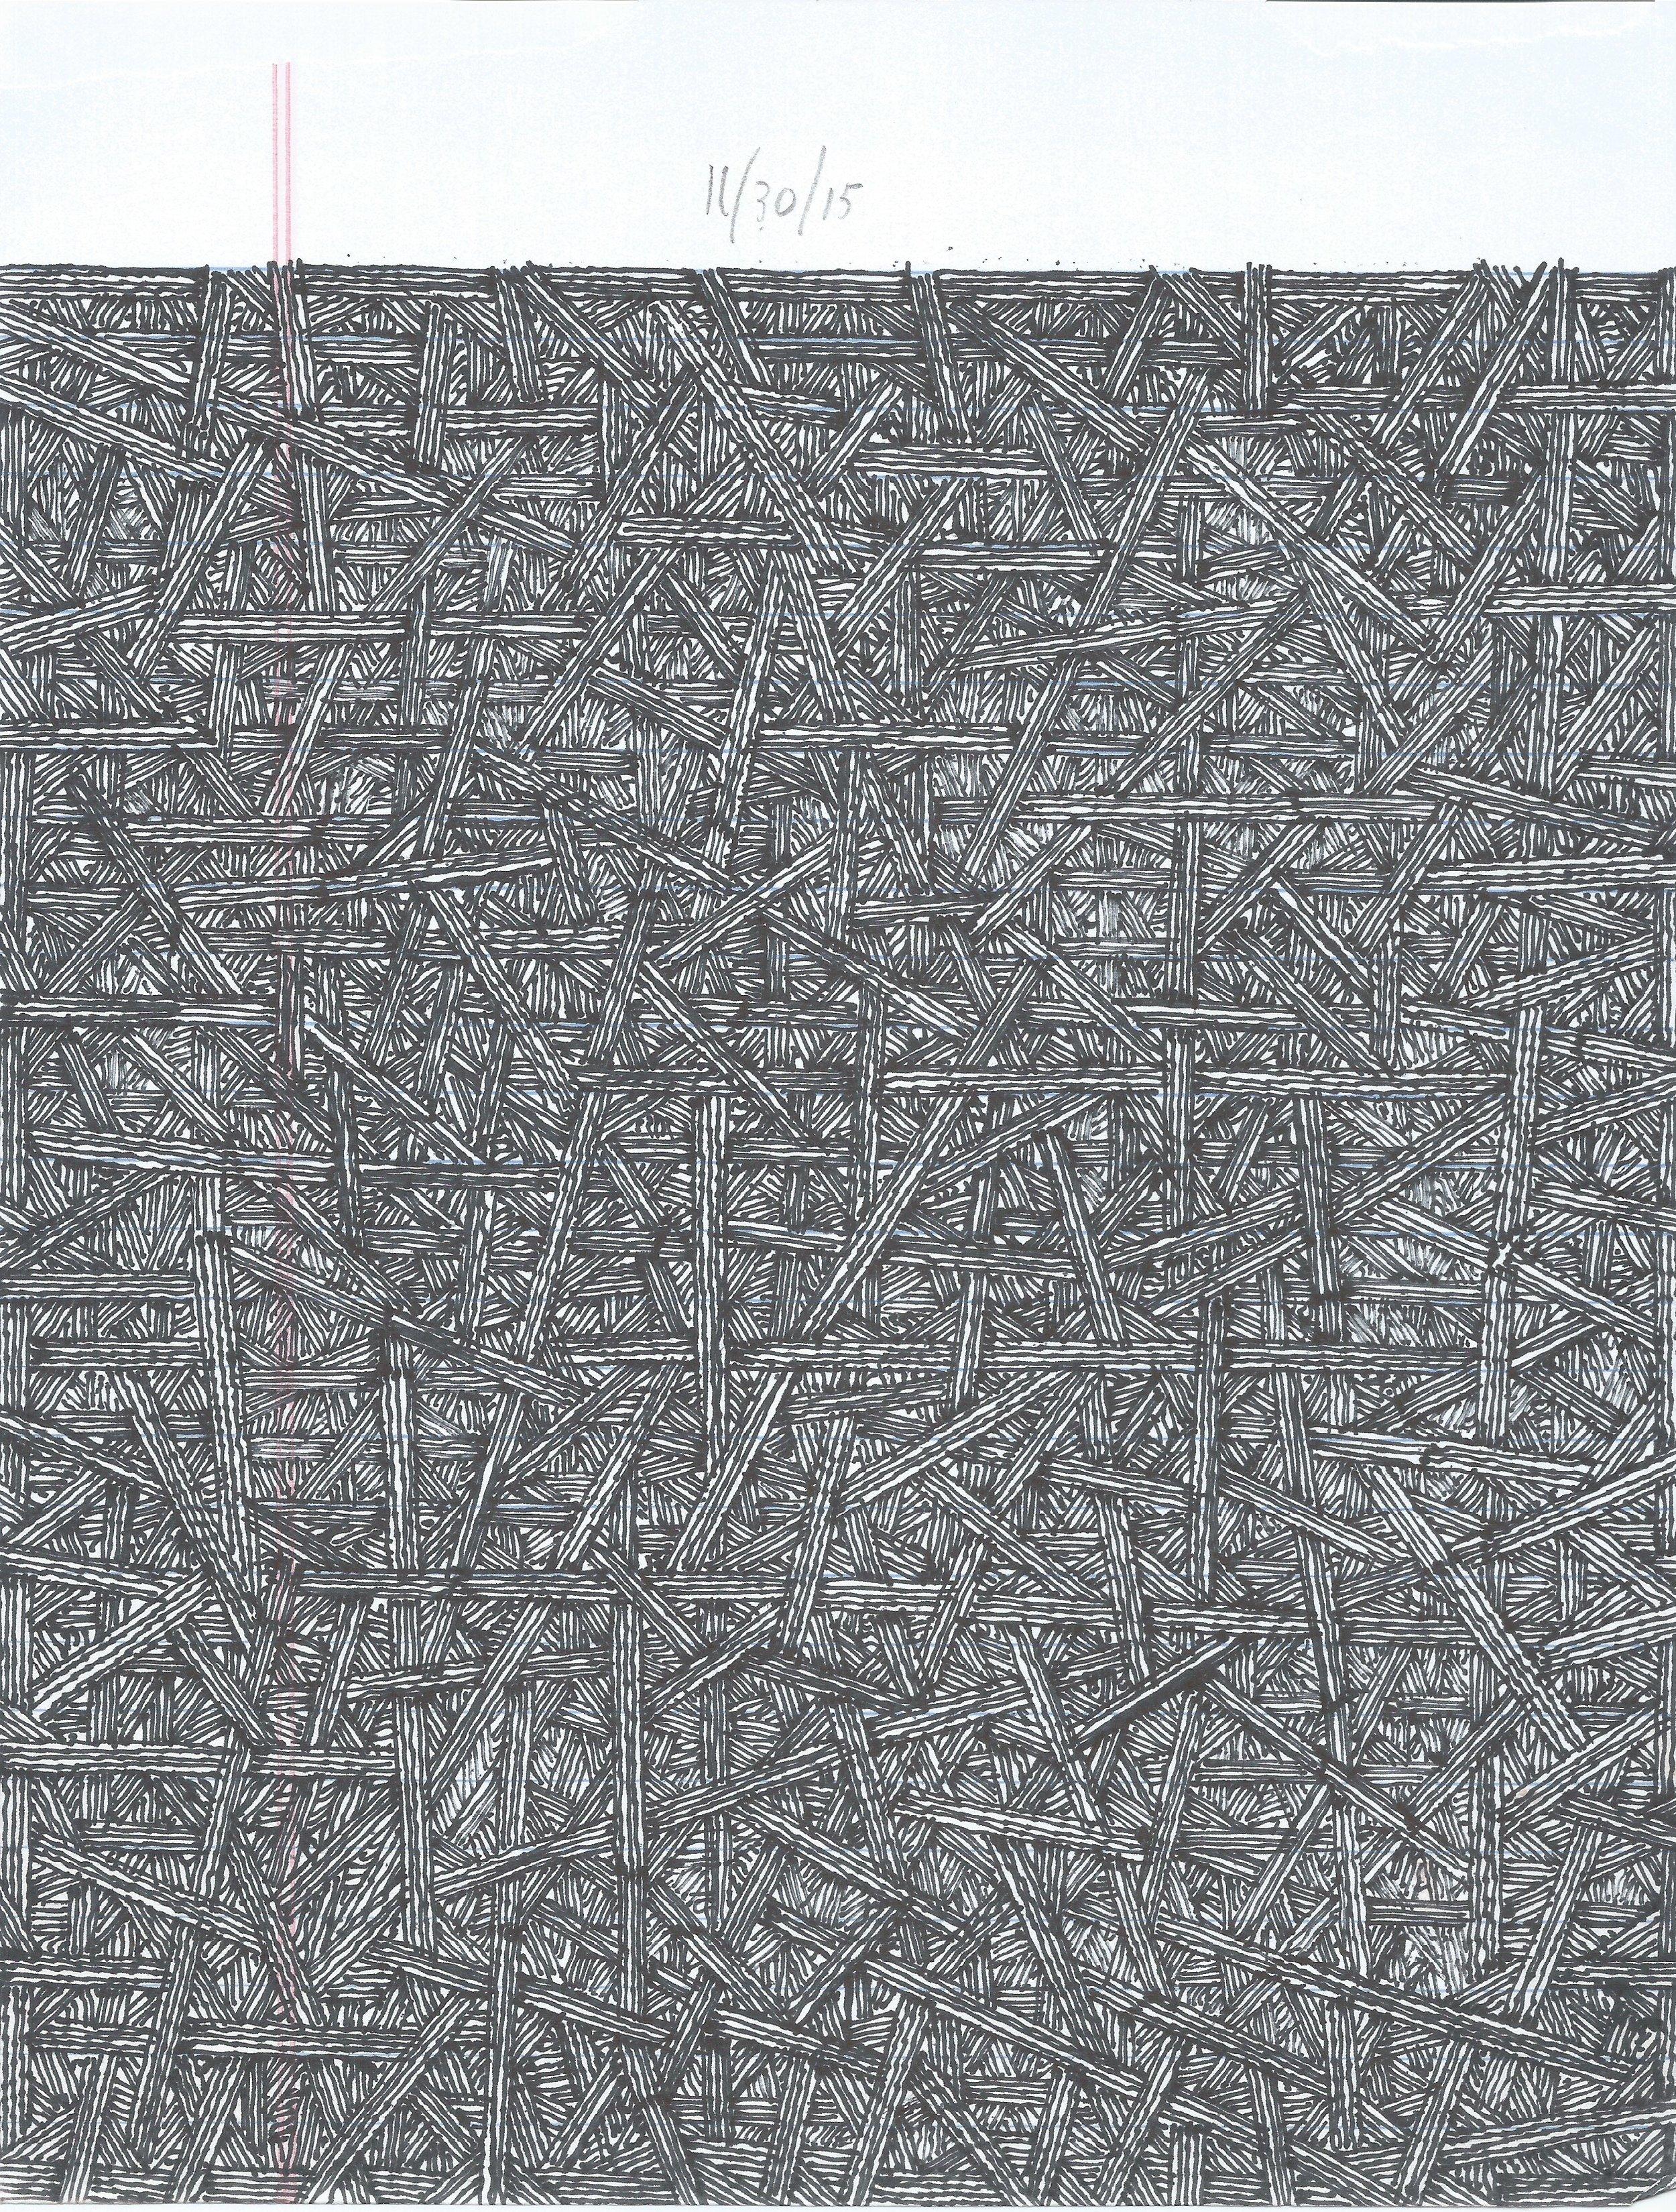 Drawing #40 (11:30:15).jpeg